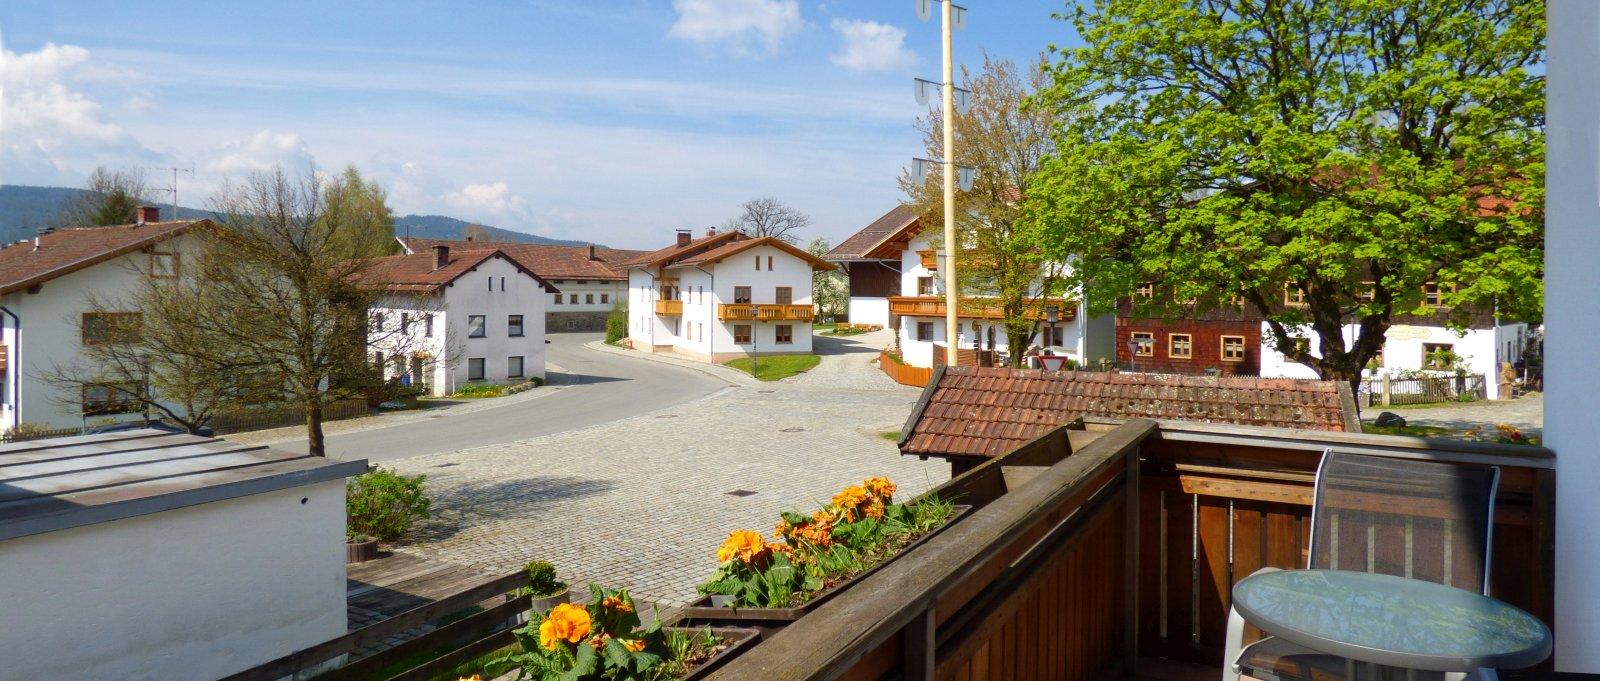 Ansicht vom Bayerischer Wald Gasthof mit Halbpension in Arnbruck